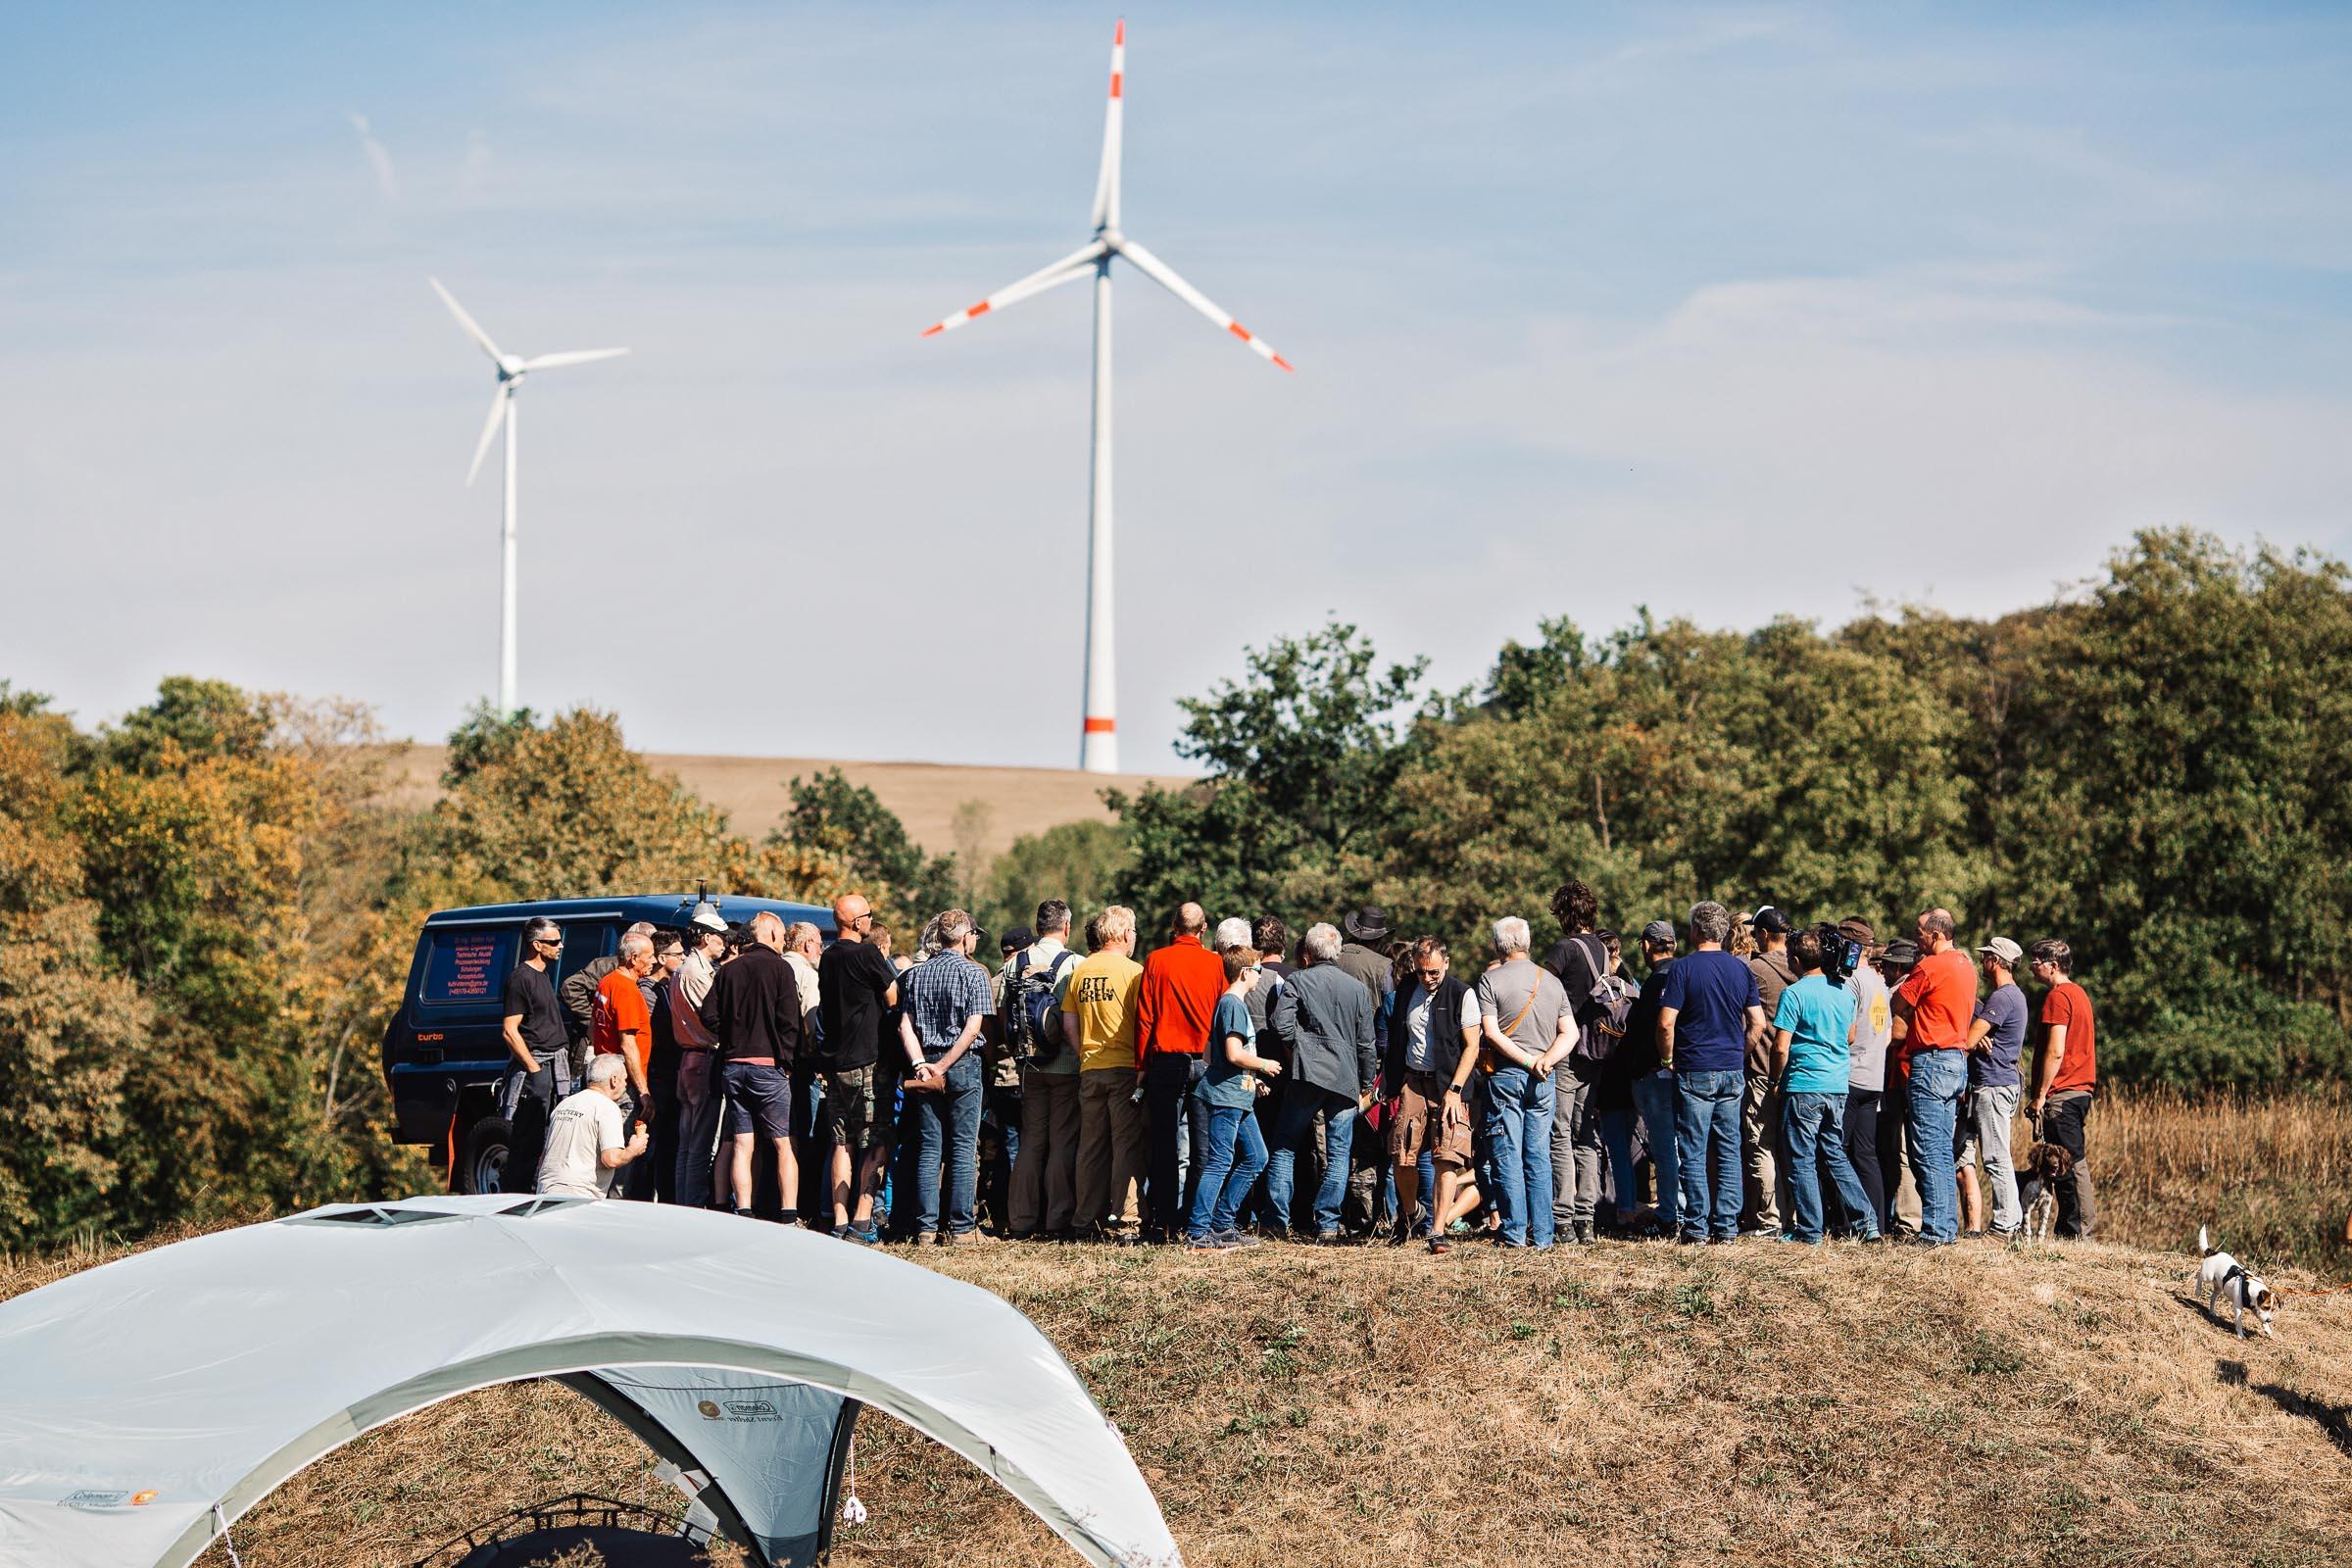 Outdoorküche Gas Turbine : Immer wieder schön das buschtaxi treffen 2018 matsch&piste